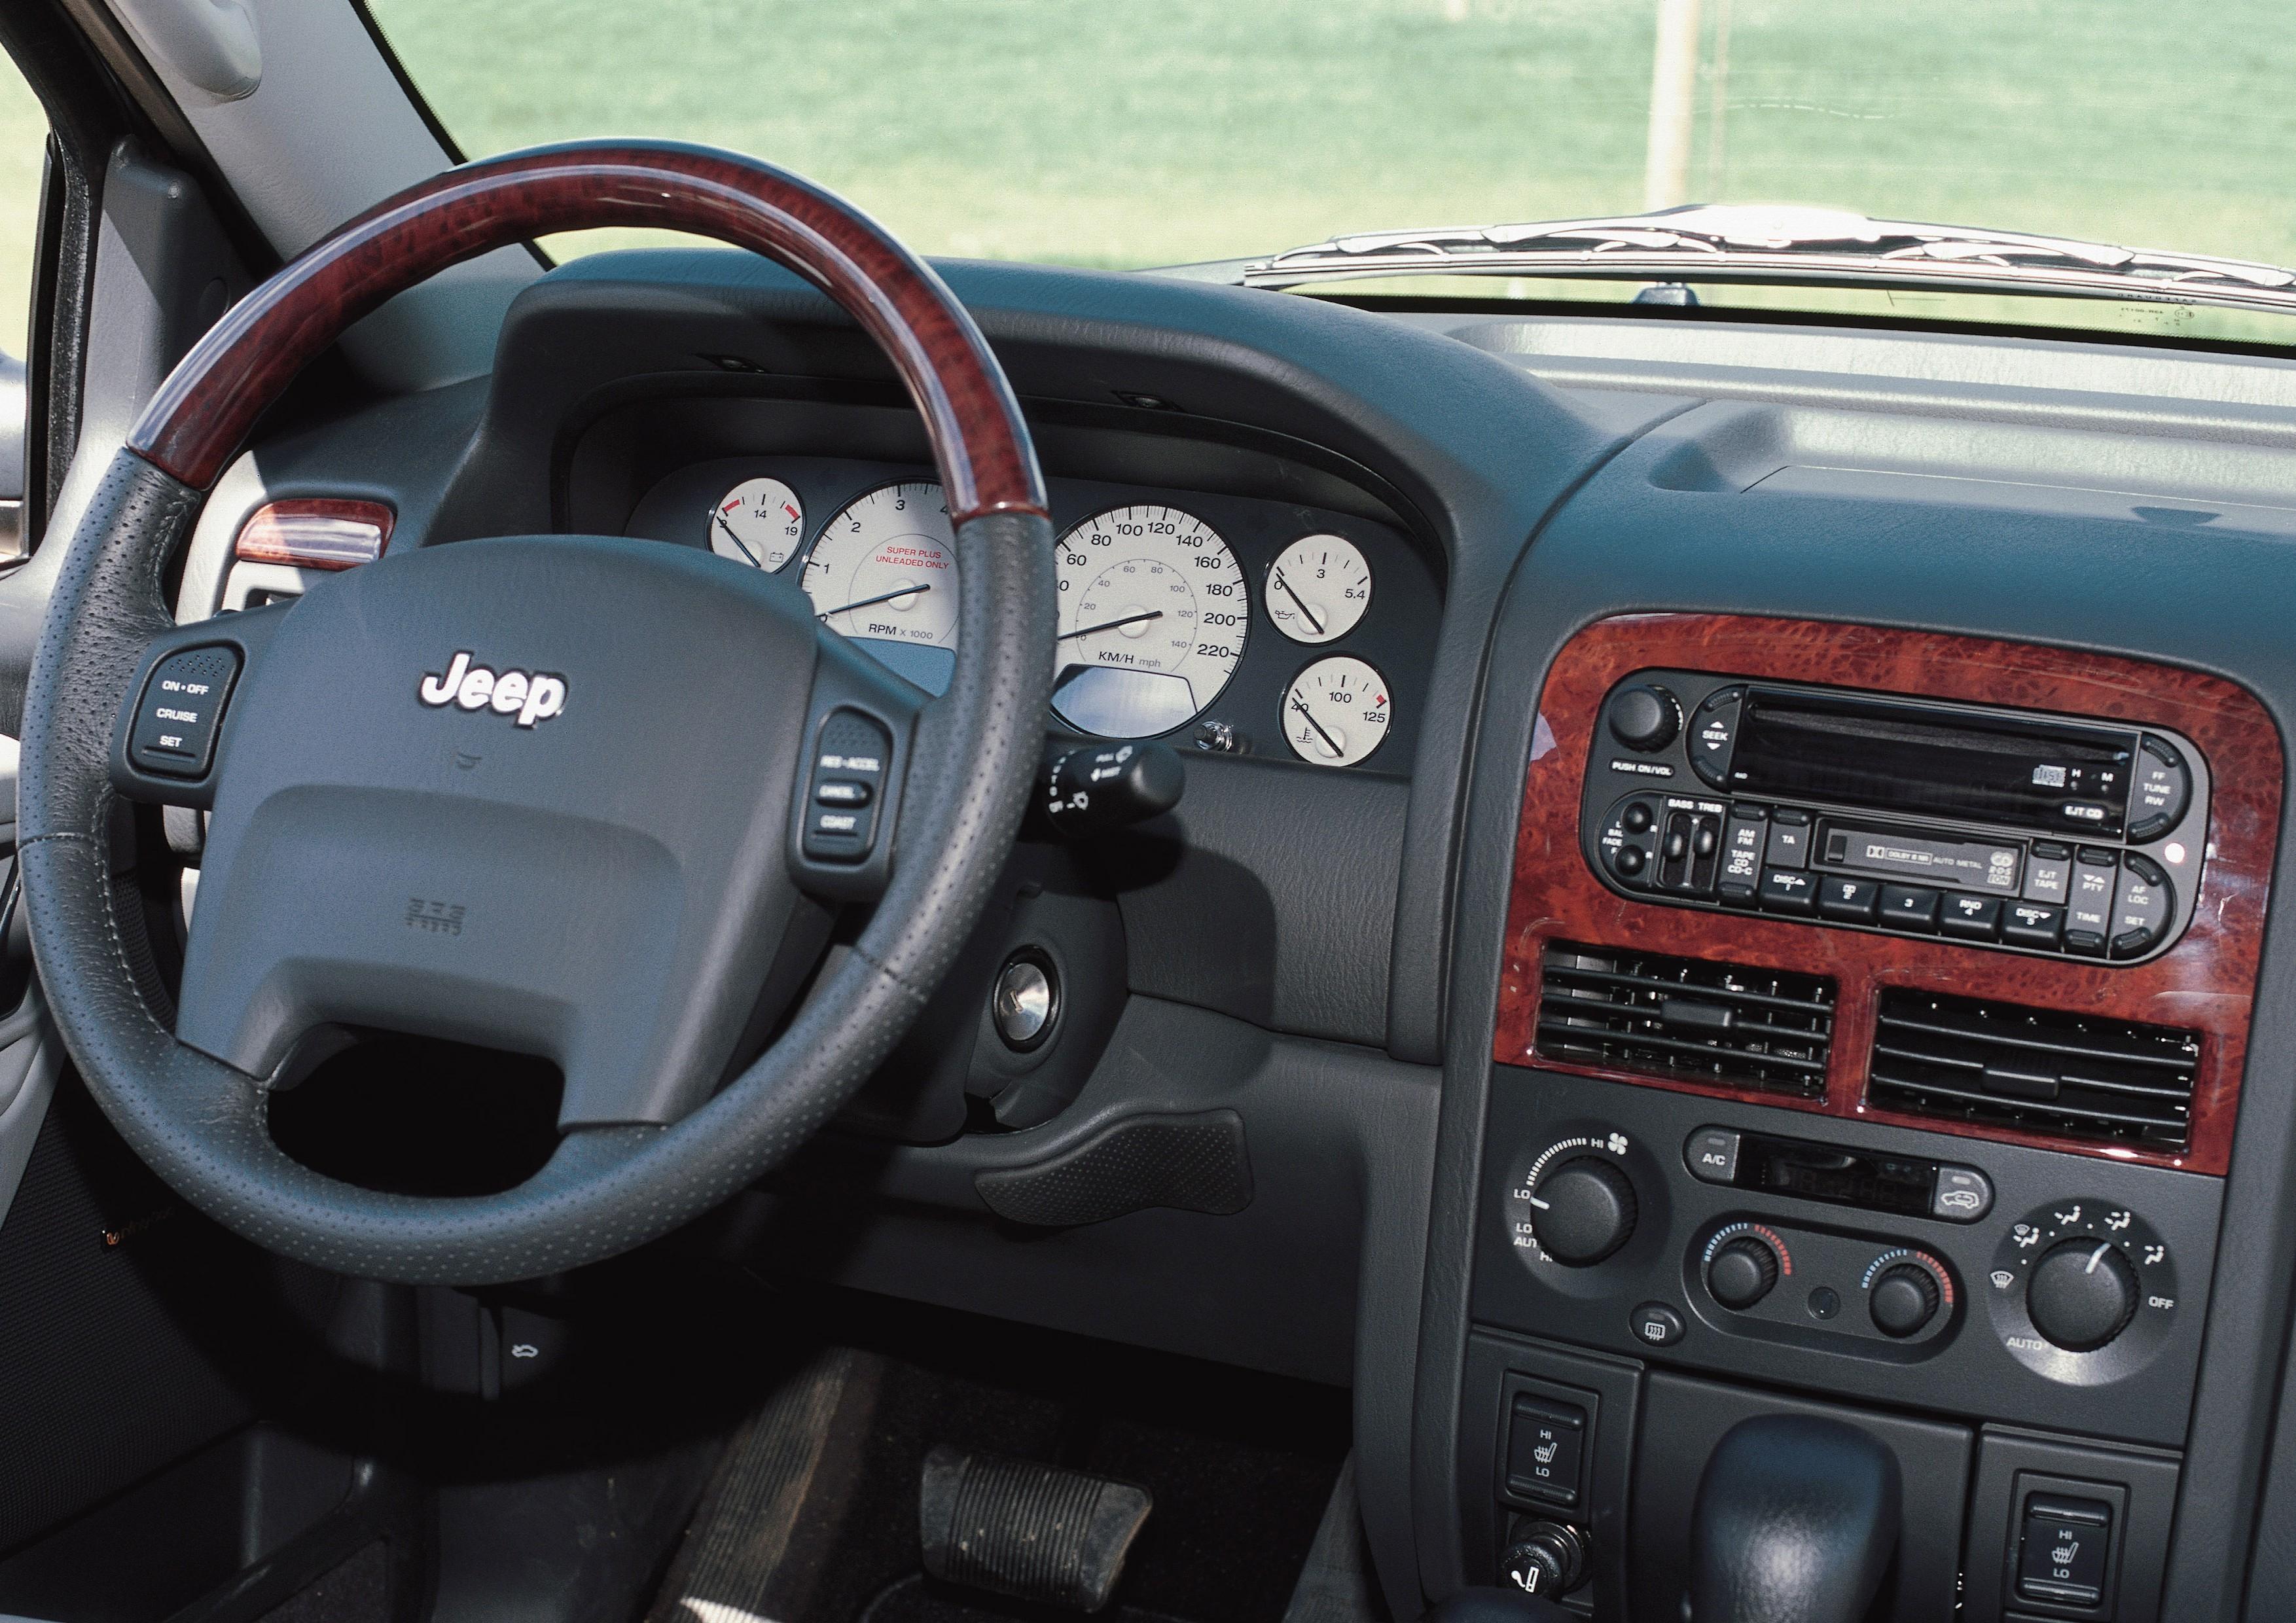 Jeep Grand Cherokee 1999 Door Sport Utility Vehicle 5 Doors